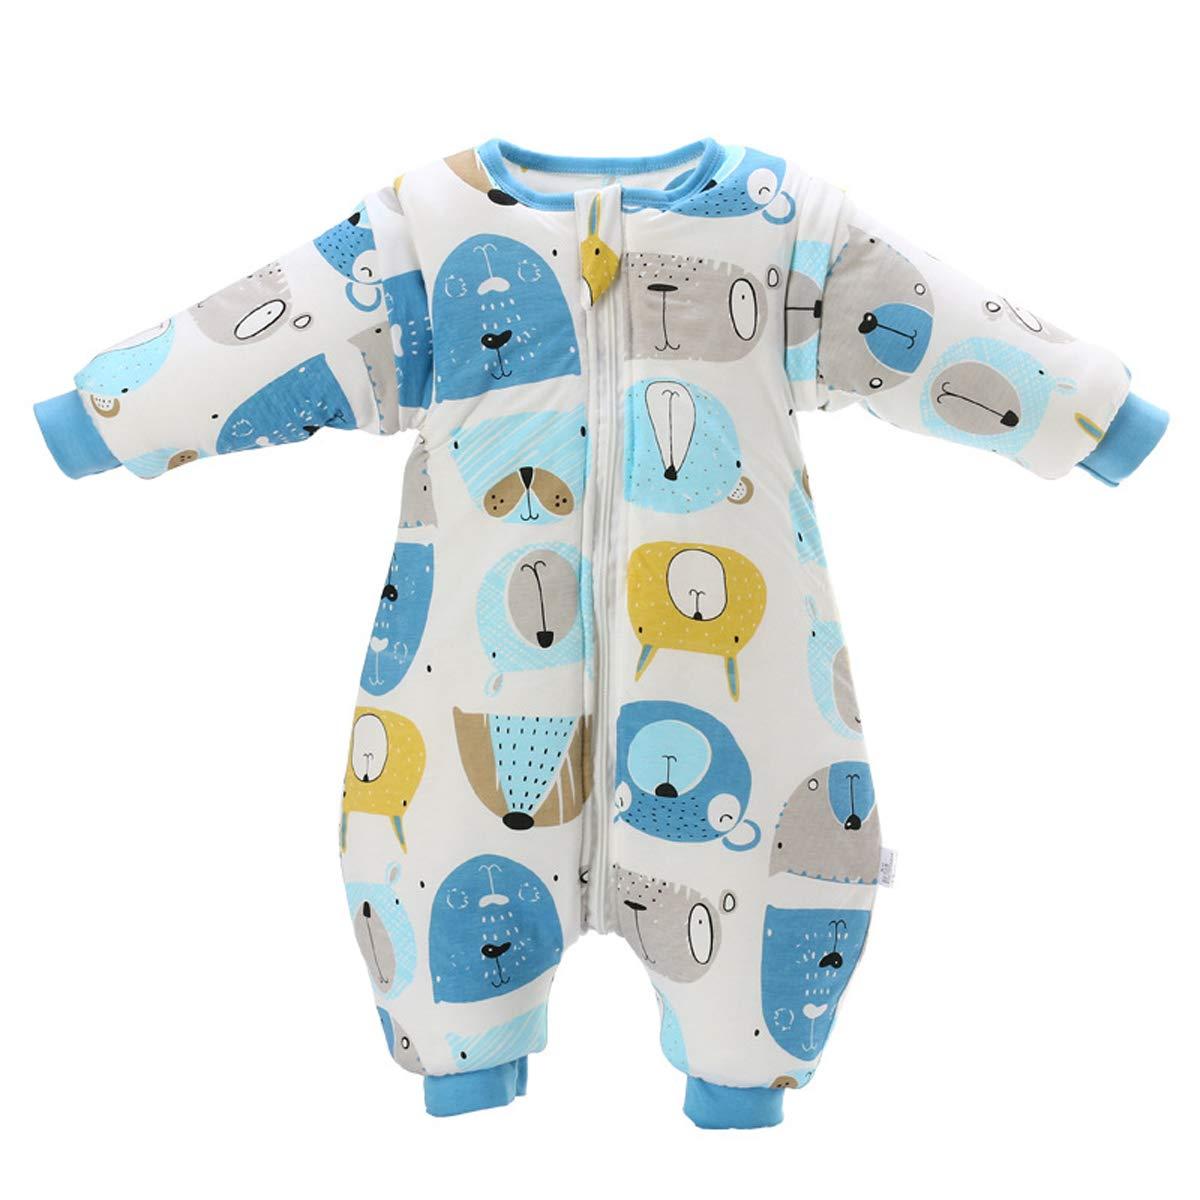 M//K/örpergr/ö/ße 70cm-80cm, Blau Baby Schlafsack mit Beinen warm gef/üttert Winter Langarm Winterschlafsack mit Fu/ß 3,5 Tog